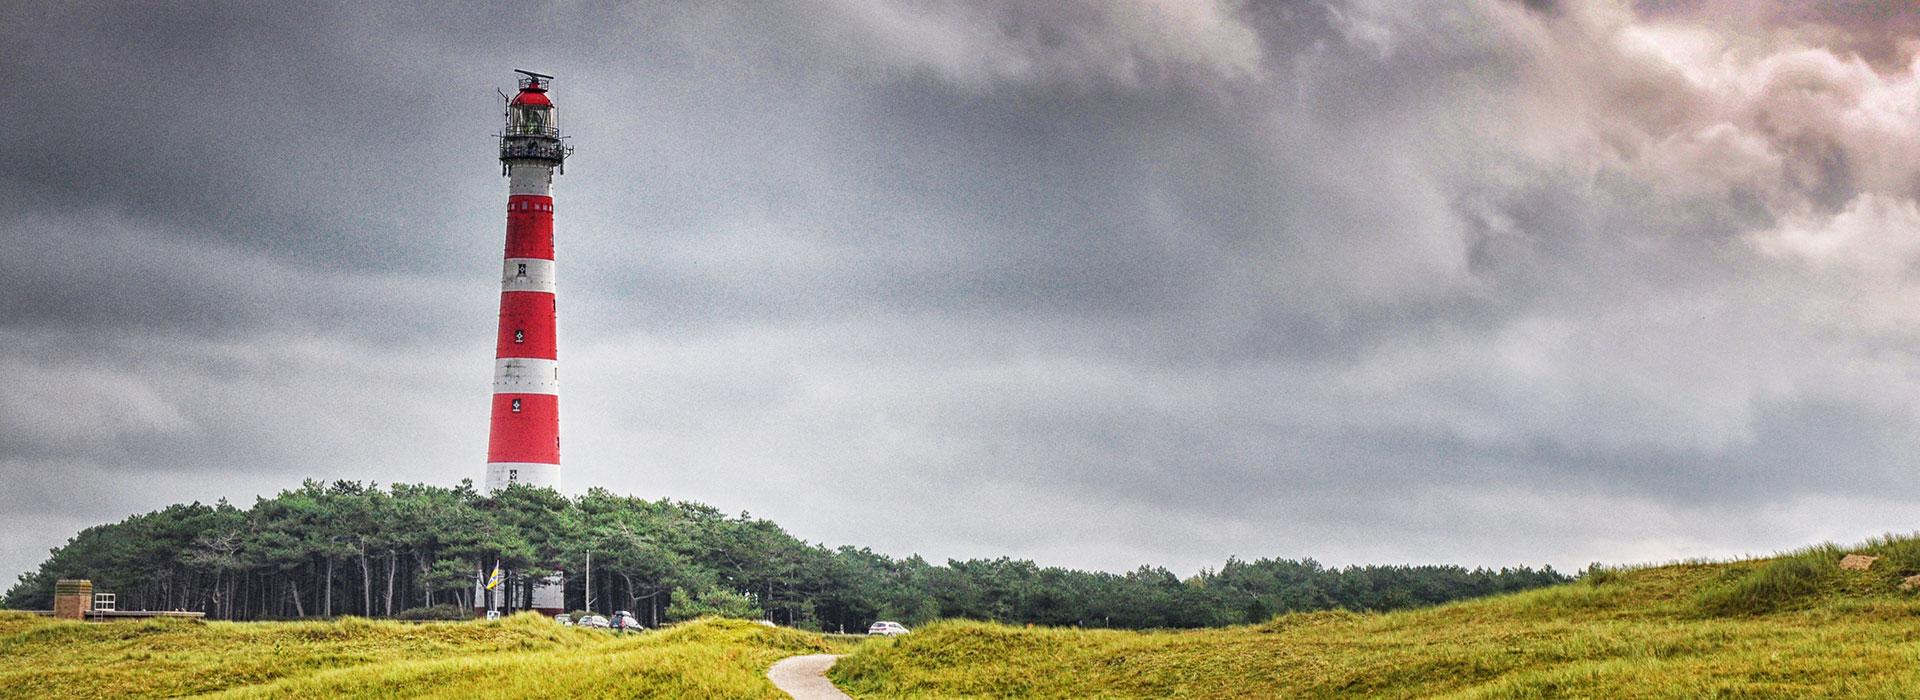 Ameland-bezoeken-vakantie-in-Friesland-Ljeppershiem-vakantiepark-vuurtoren